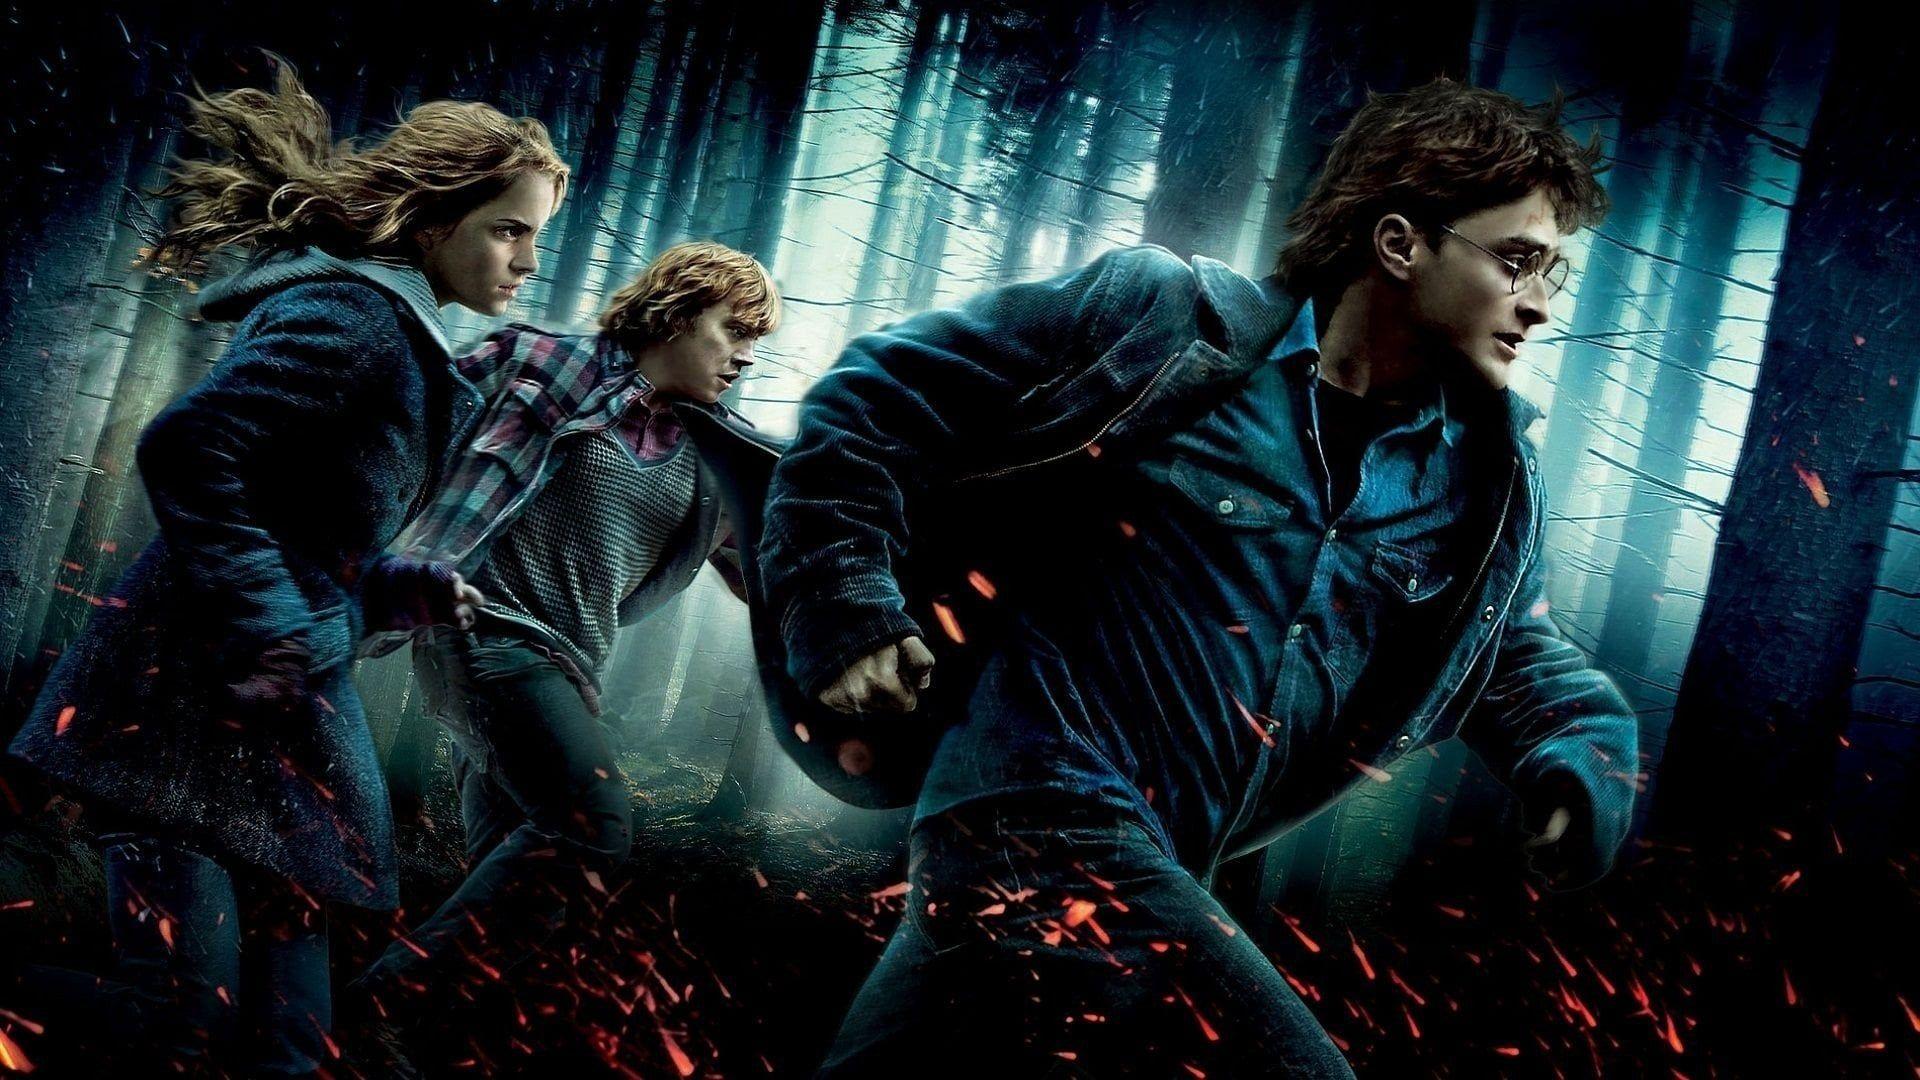 Harry Potter Y Las Reliquias De La Muerte Parte 1 2010 Pelicula En Castellano Online Harry Potter Wallpaper Harry Potter Books Free Harry Potter Movies